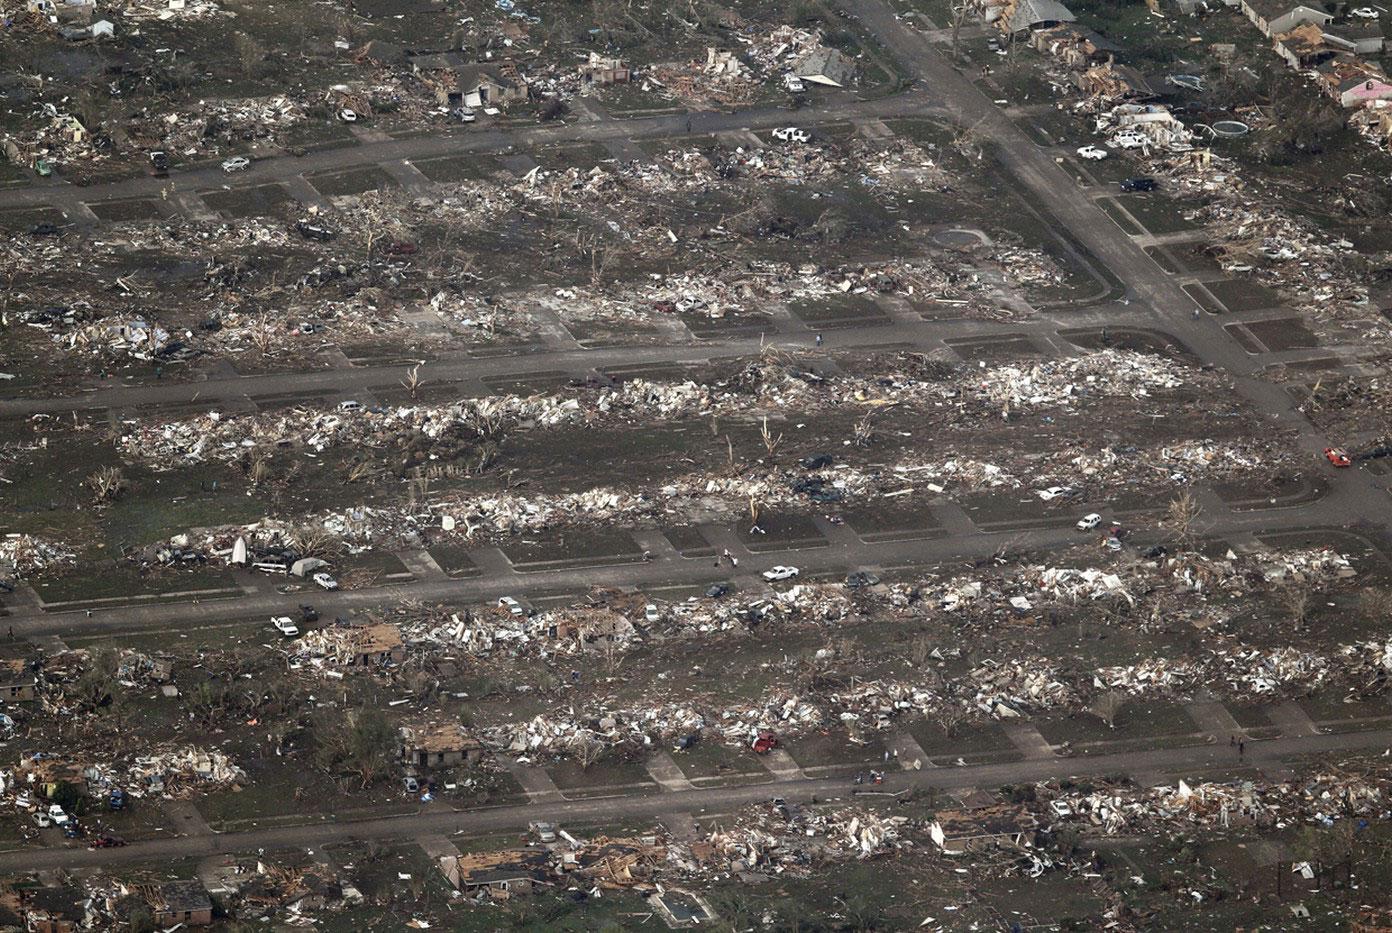 разыгравшаяся стихия в Оклахоме